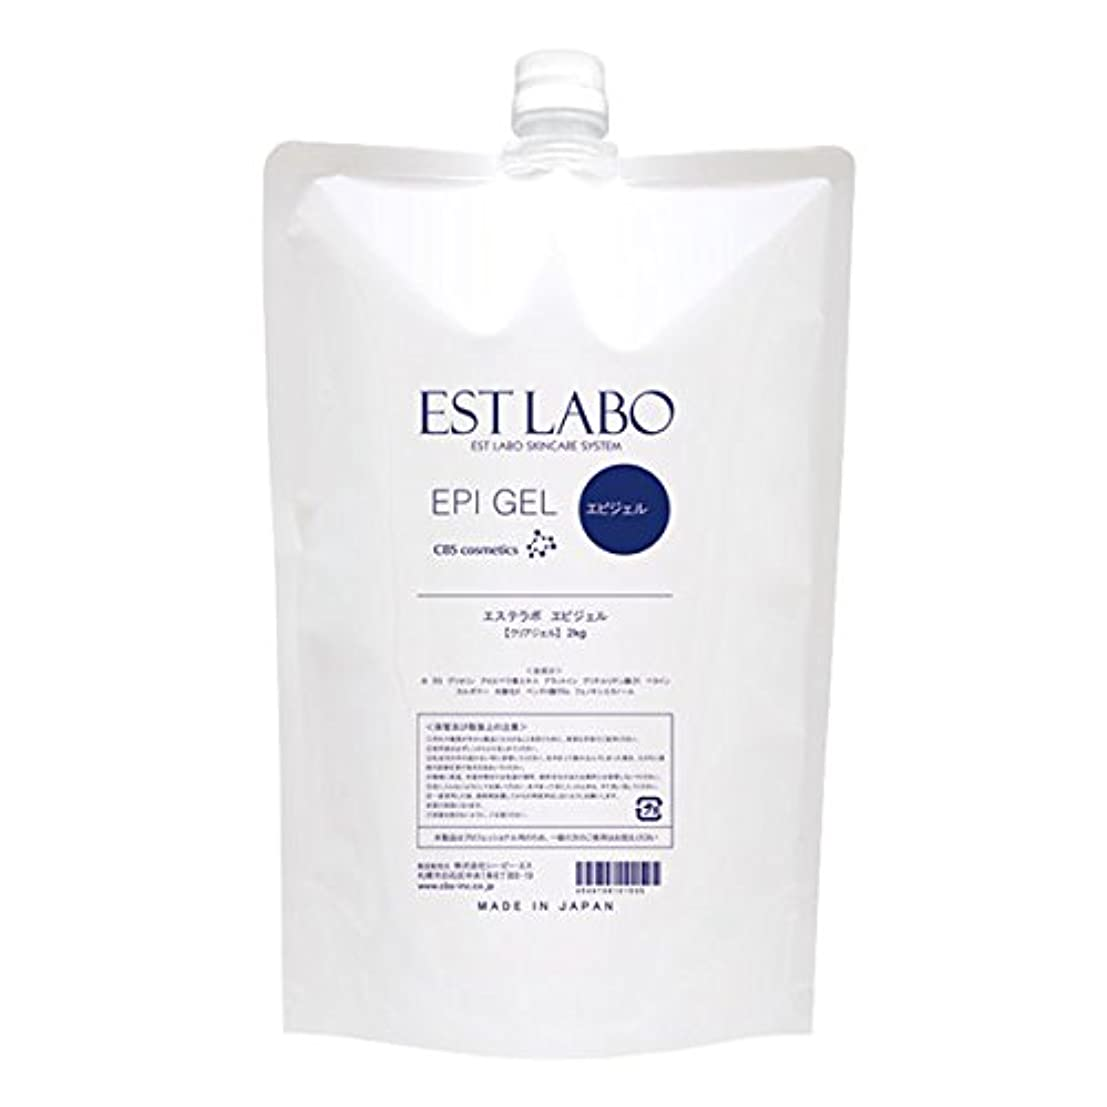 リッチタイマースペイン脱毛 EST LABO エピジェル(1袋?2kg)×2 合計2袋?4kg 業務用